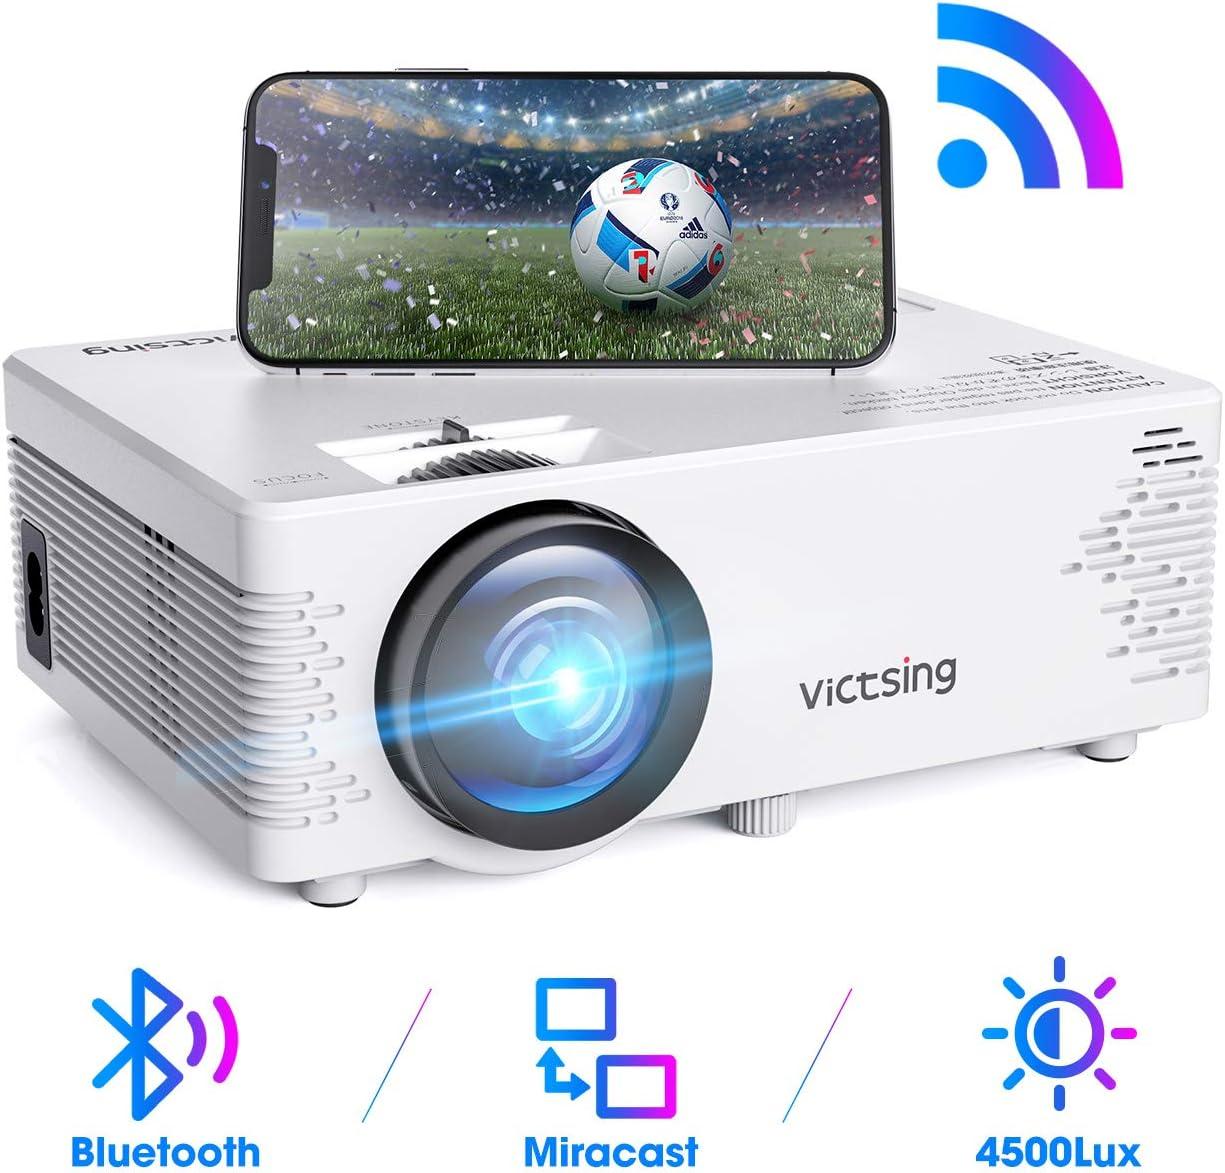 kompatibel mit iPhone // Android-Smartphone // iPad // Mac // Laptop // PC 【2020 Neu】 WiFi Beamer Wireless Projektor 4500 Lumen 1080P Full HD VicTsing Mini Beamer mit Bluetooth